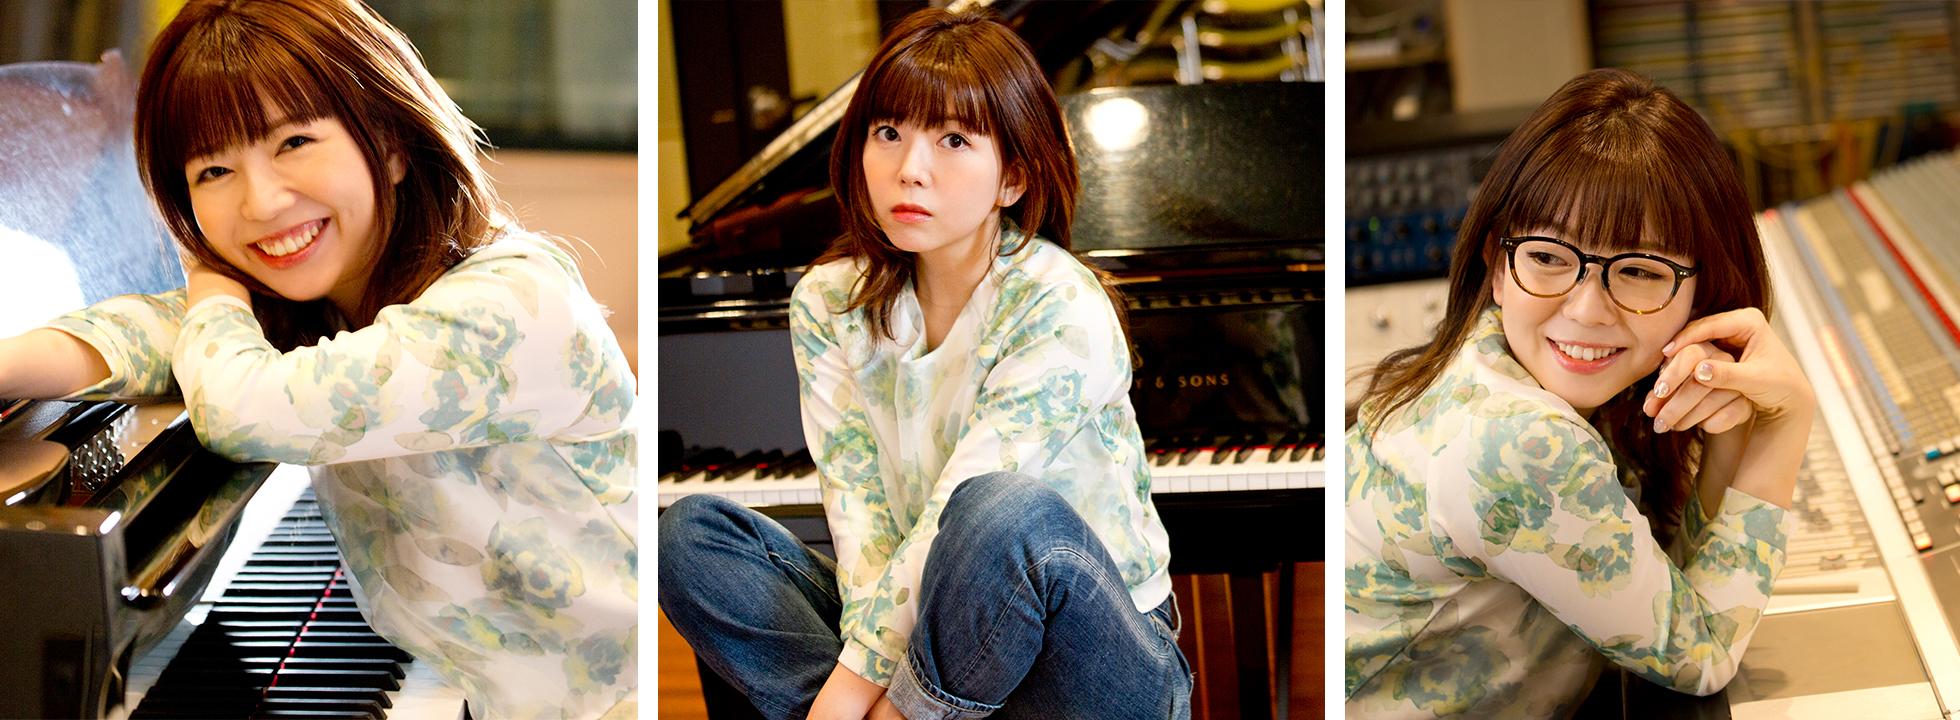 桐島 千花の声優さんは牧野由依さん